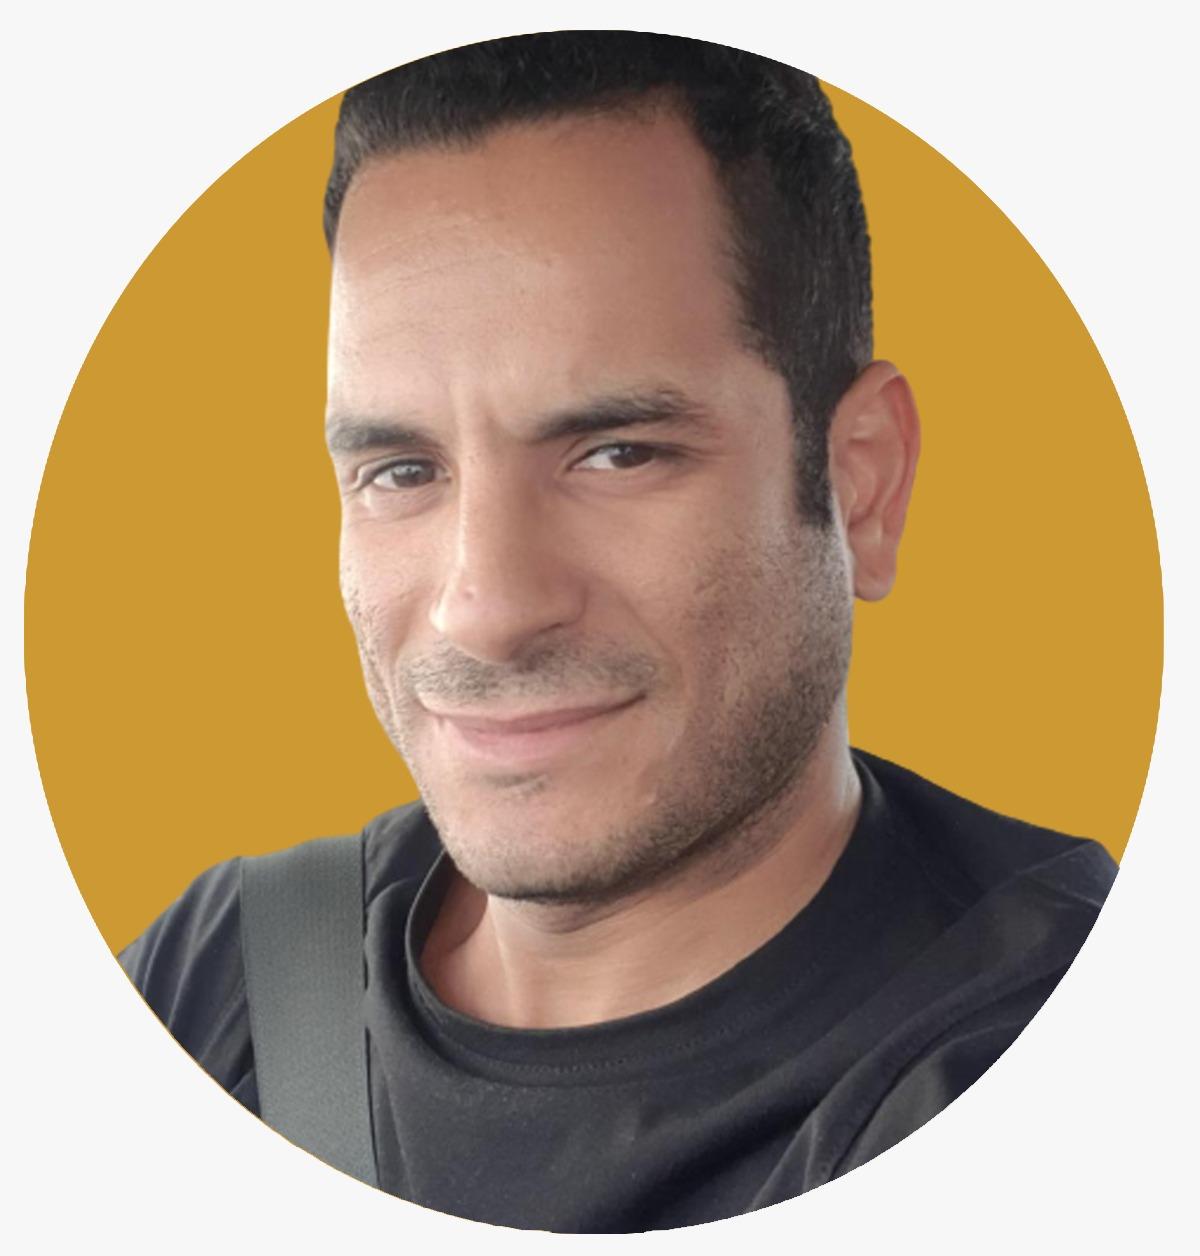 المدرب محمود سعيد